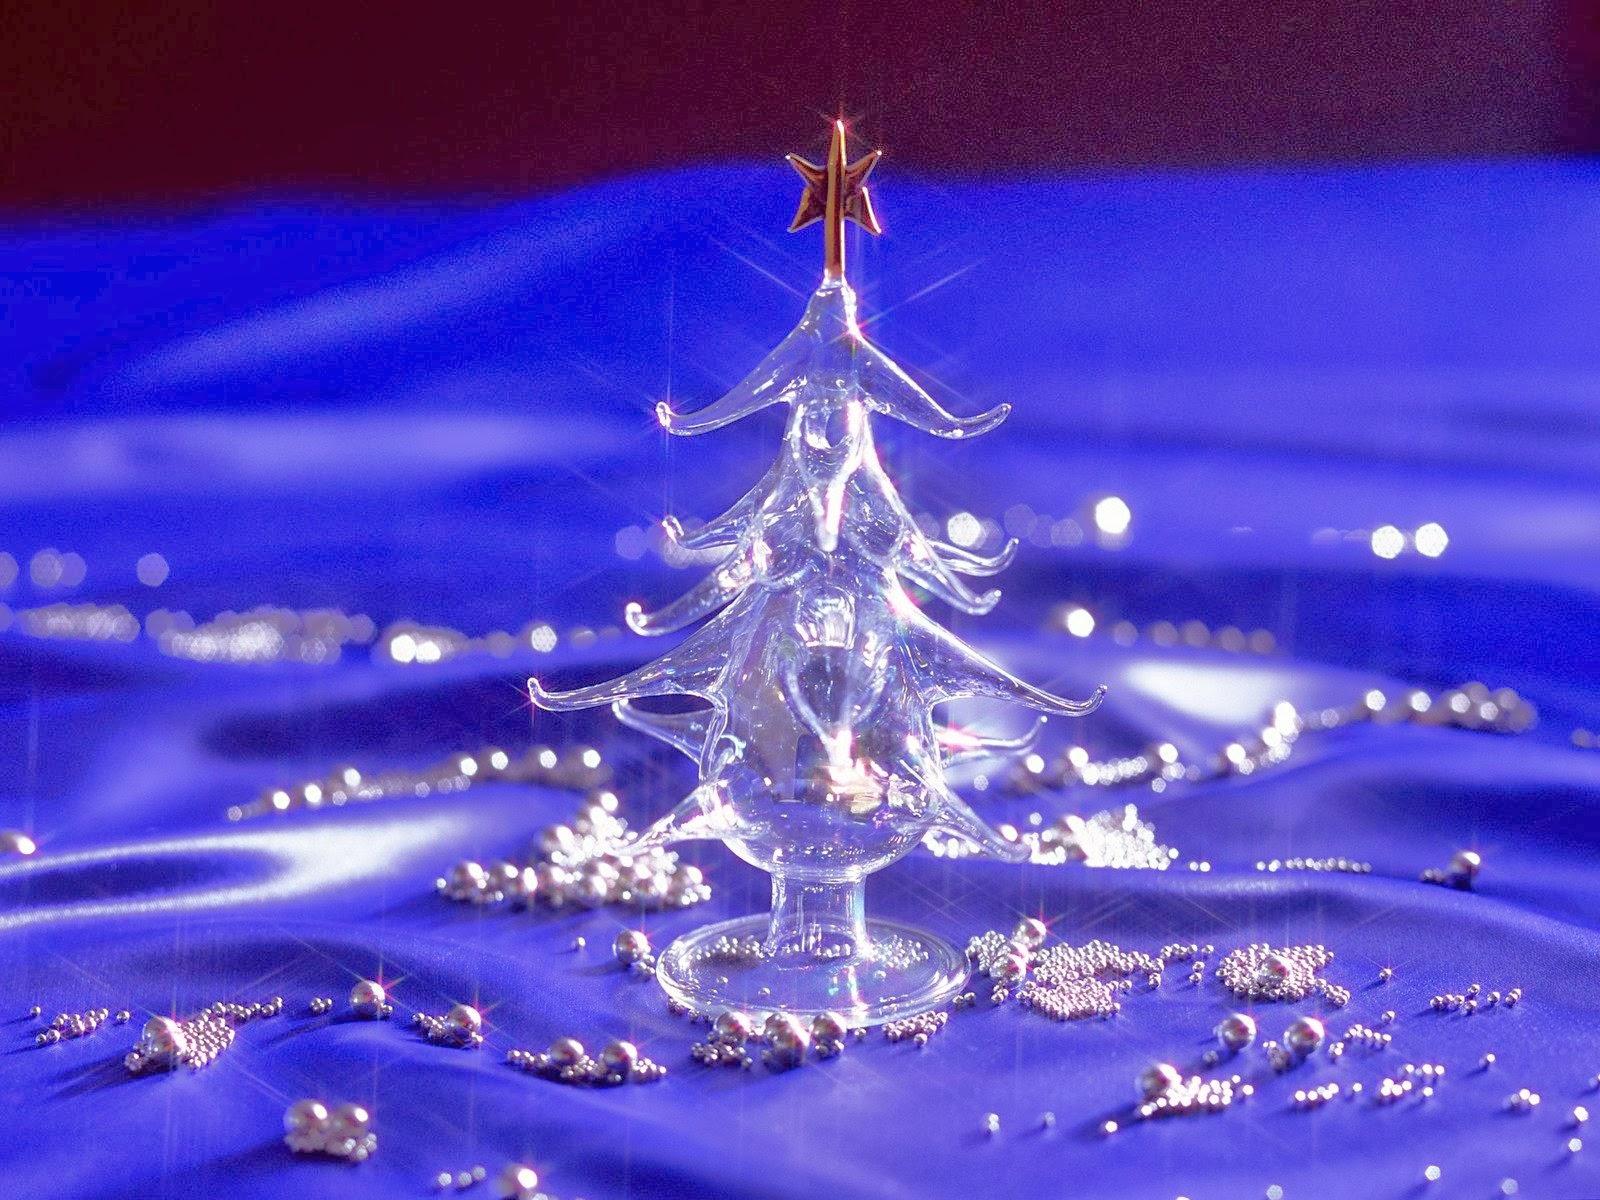 Conoce la información dónde, cómo y cuando se celebra la navidad